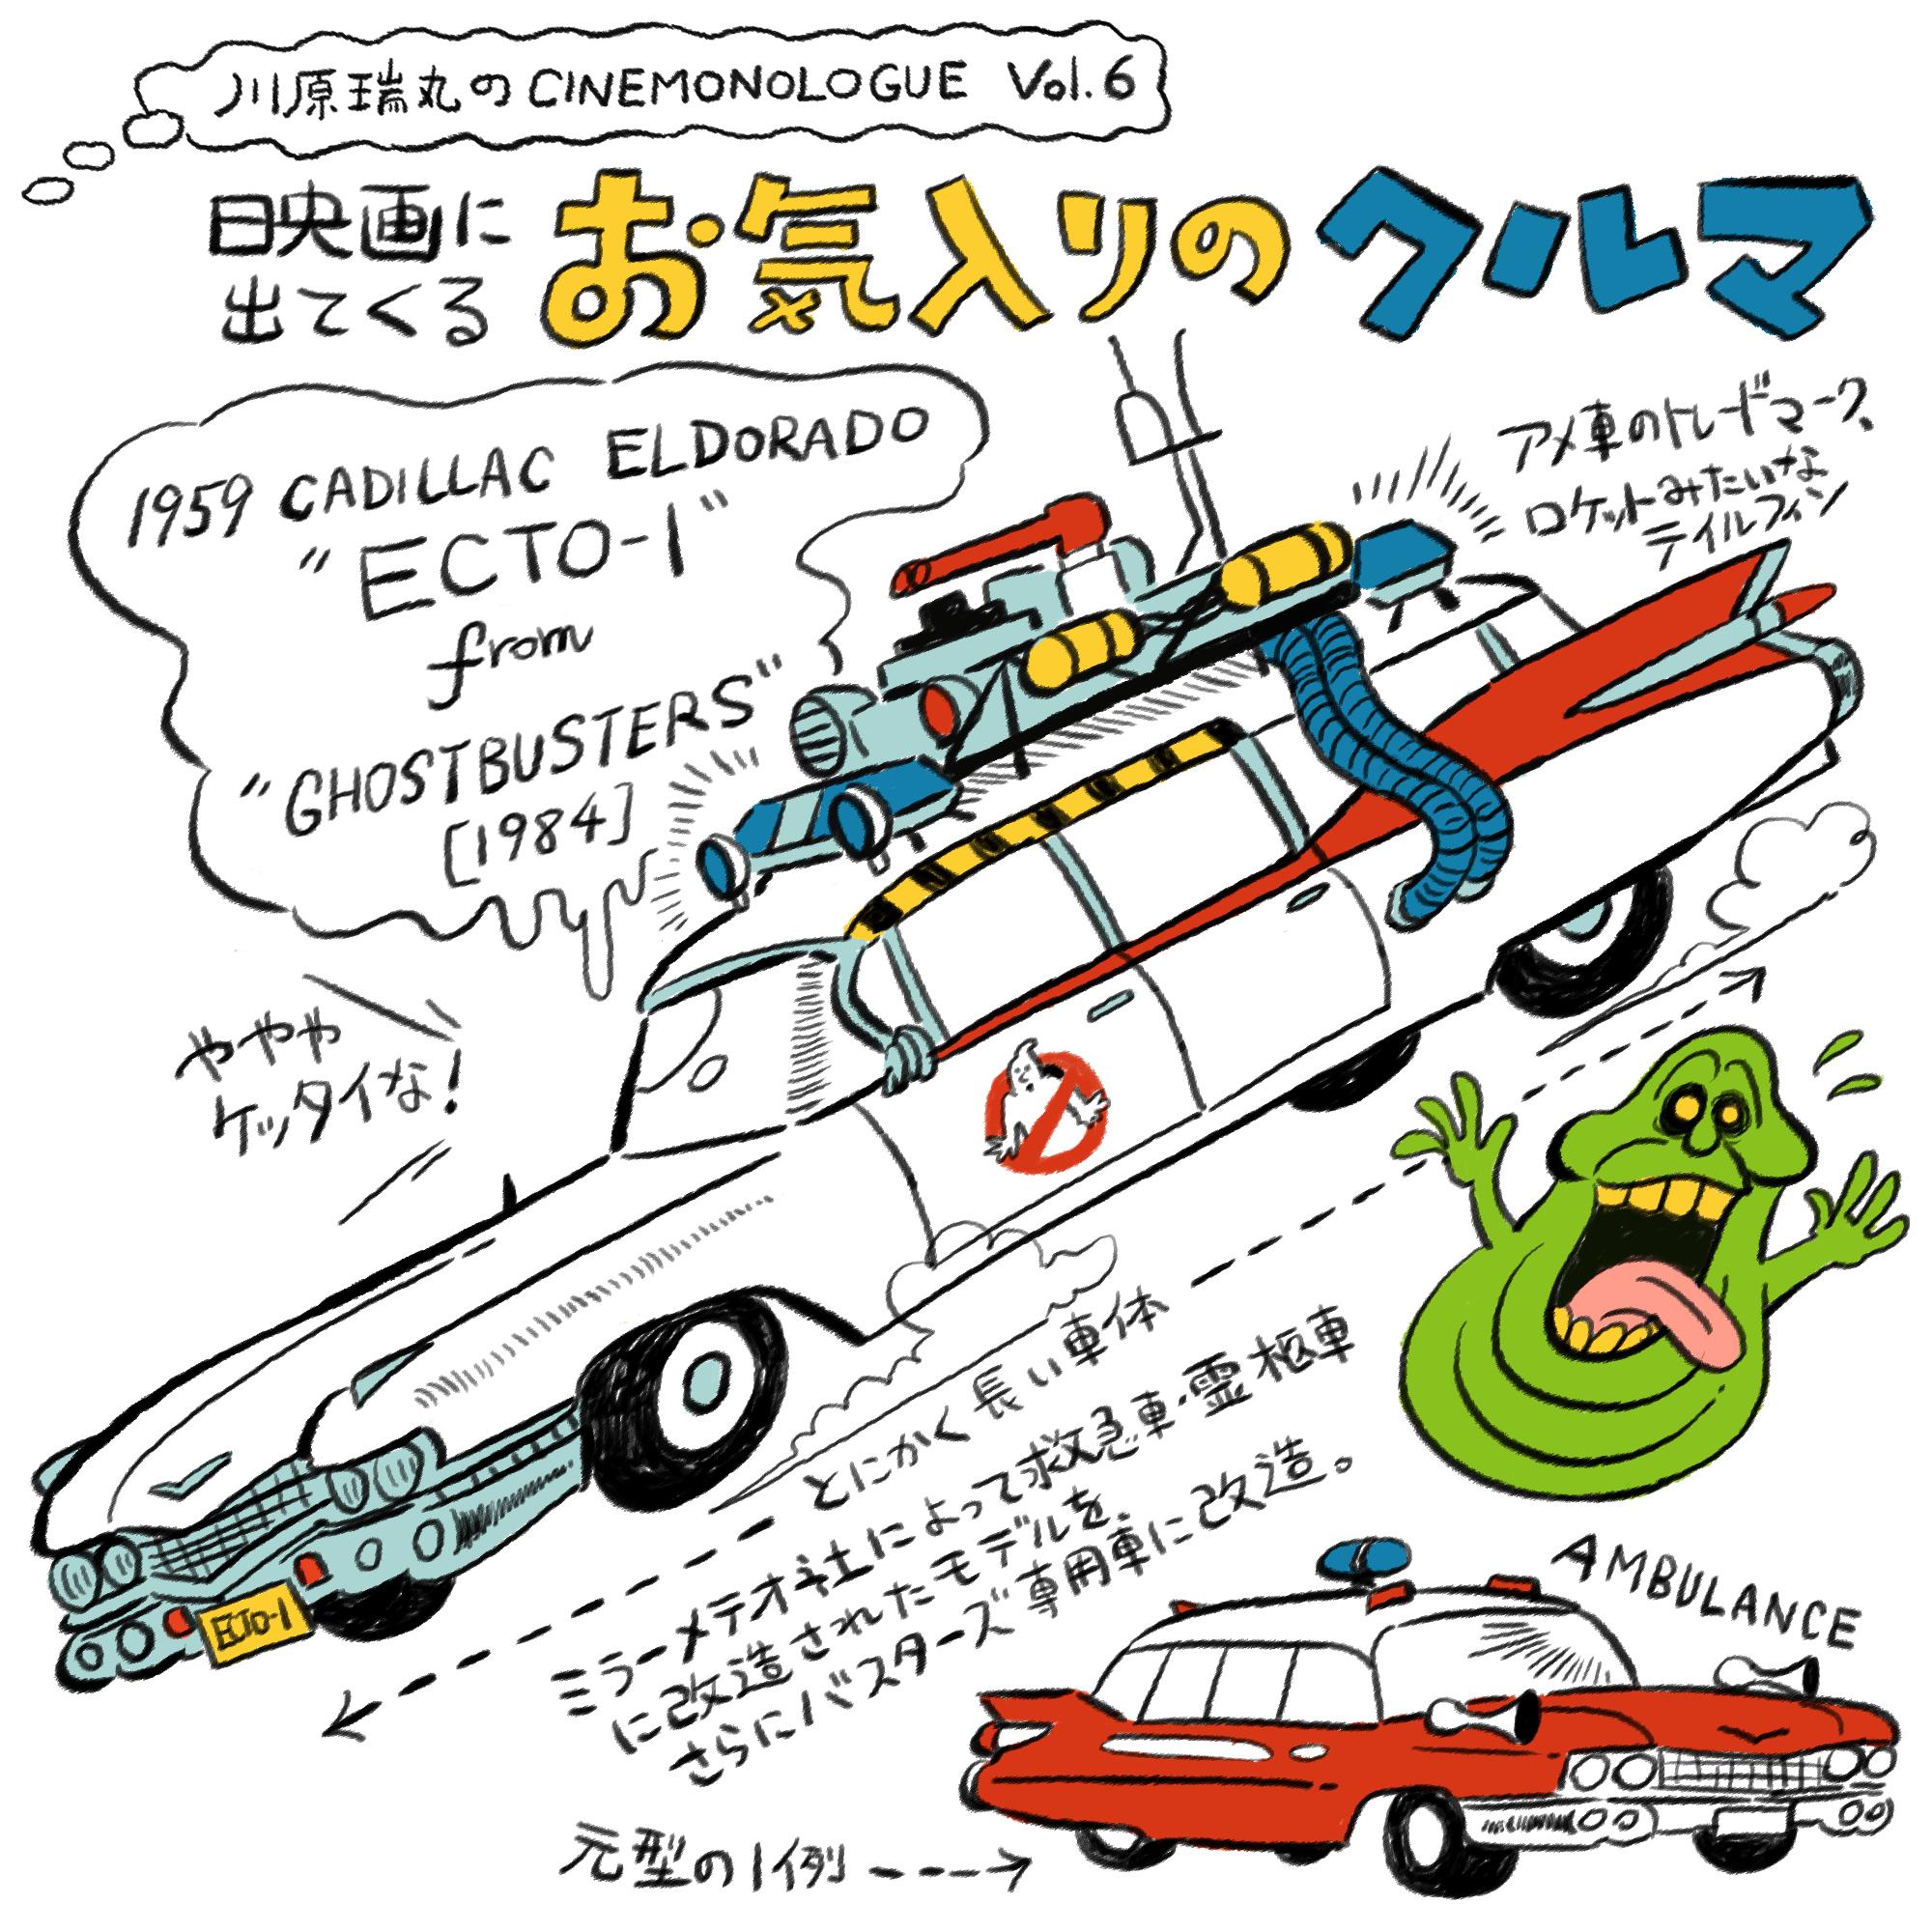 映画に出てくるお気に入りのクルマ【川原瑞丸のCINEMONOLOGUE Vol.6】